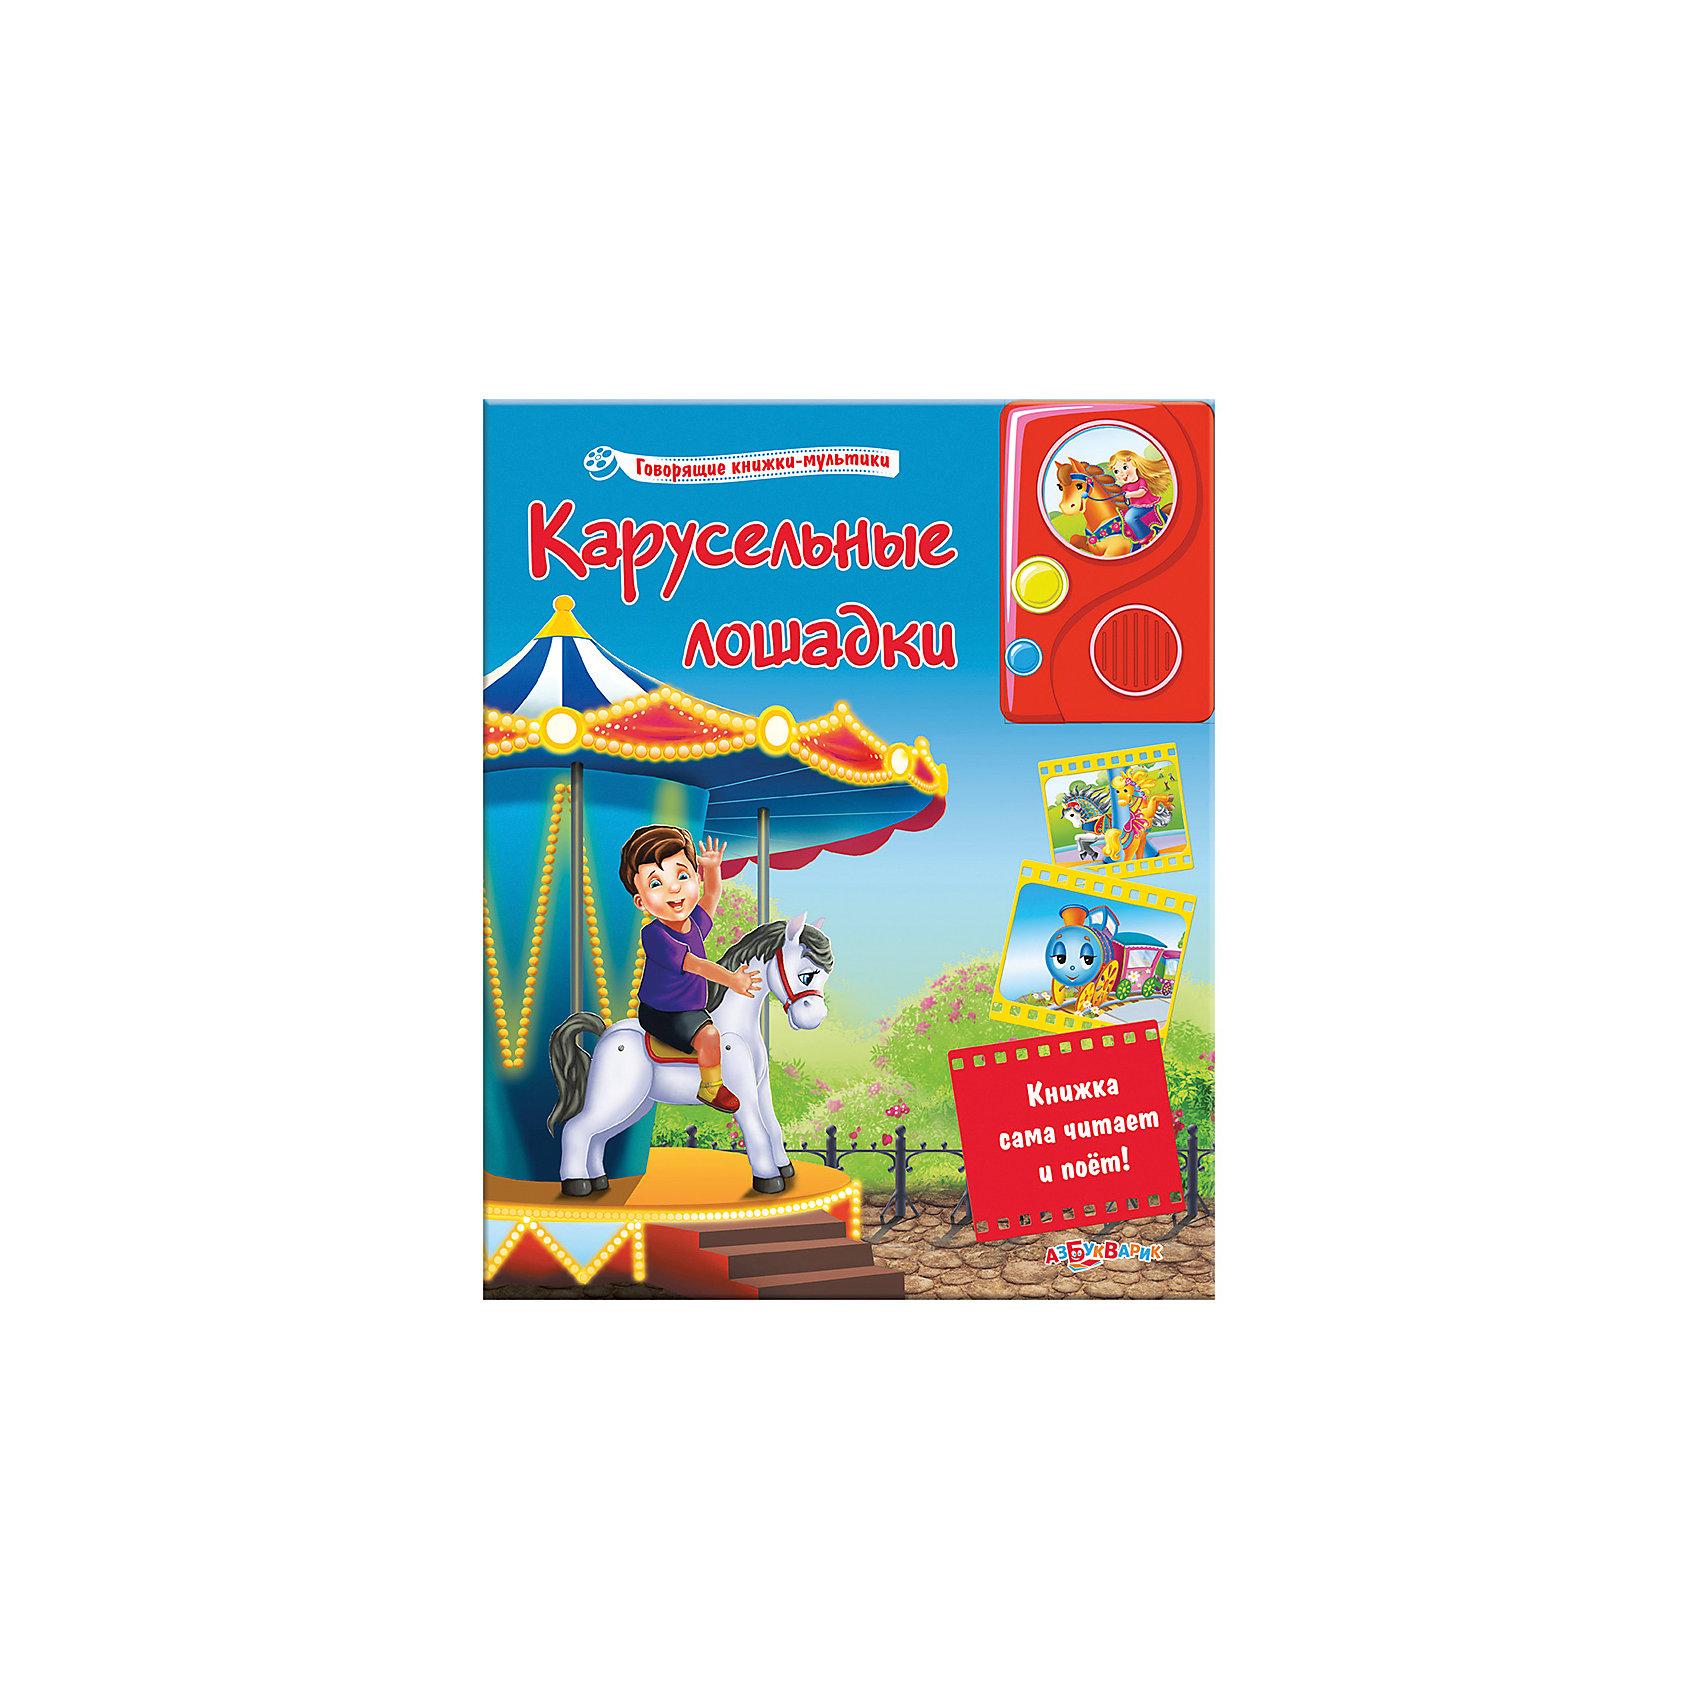 Карусельные лошадкиГерои любимых мультфильмов ждут тебя на страницах этой книги! Открывай говорящую книжку, слушай  песенки и увлекательные истории о паровозике из Ромашково, забавной лошадке Марусе и других карусельных лошадках. Издание дополнено красочными иллюстрациями, имеет твердые картонные странички, которые удобно переворачивать даже самым юным читателям. <br><br>Дополнительная информация:<br>  <br>- Содержание: 3 сказки: «Карусельные лошадки» и «Паровозик из Ромашково» Г. Цыферова и «Марусина карусель» В. Ольшанского. 3 песенки: «Весёлая карусель», «Паровоз», «Карусельные лошадки».<br>- Переплет: картон.<br>- Формат: 20,6х24,6 см.<br>- Количество страниц: 16.<br>- Иллюстрации: цветные. <br>- Элемент питания: батарейки  UM-4 or LR03 (в комплекте).<br><br>Книгу Карусельные лошадки можно купить в нашем магазине.<br><br>Ширина мм: 205<br>Глубина мм: 150<br>Высота мм: 20<br>Вес г: 583<br>Возраст от месяцев: 24<br>Возраст до месяцев: 60<br>Пол: Унисекс<br>Возраст: Детский<br>SKU: 4603703